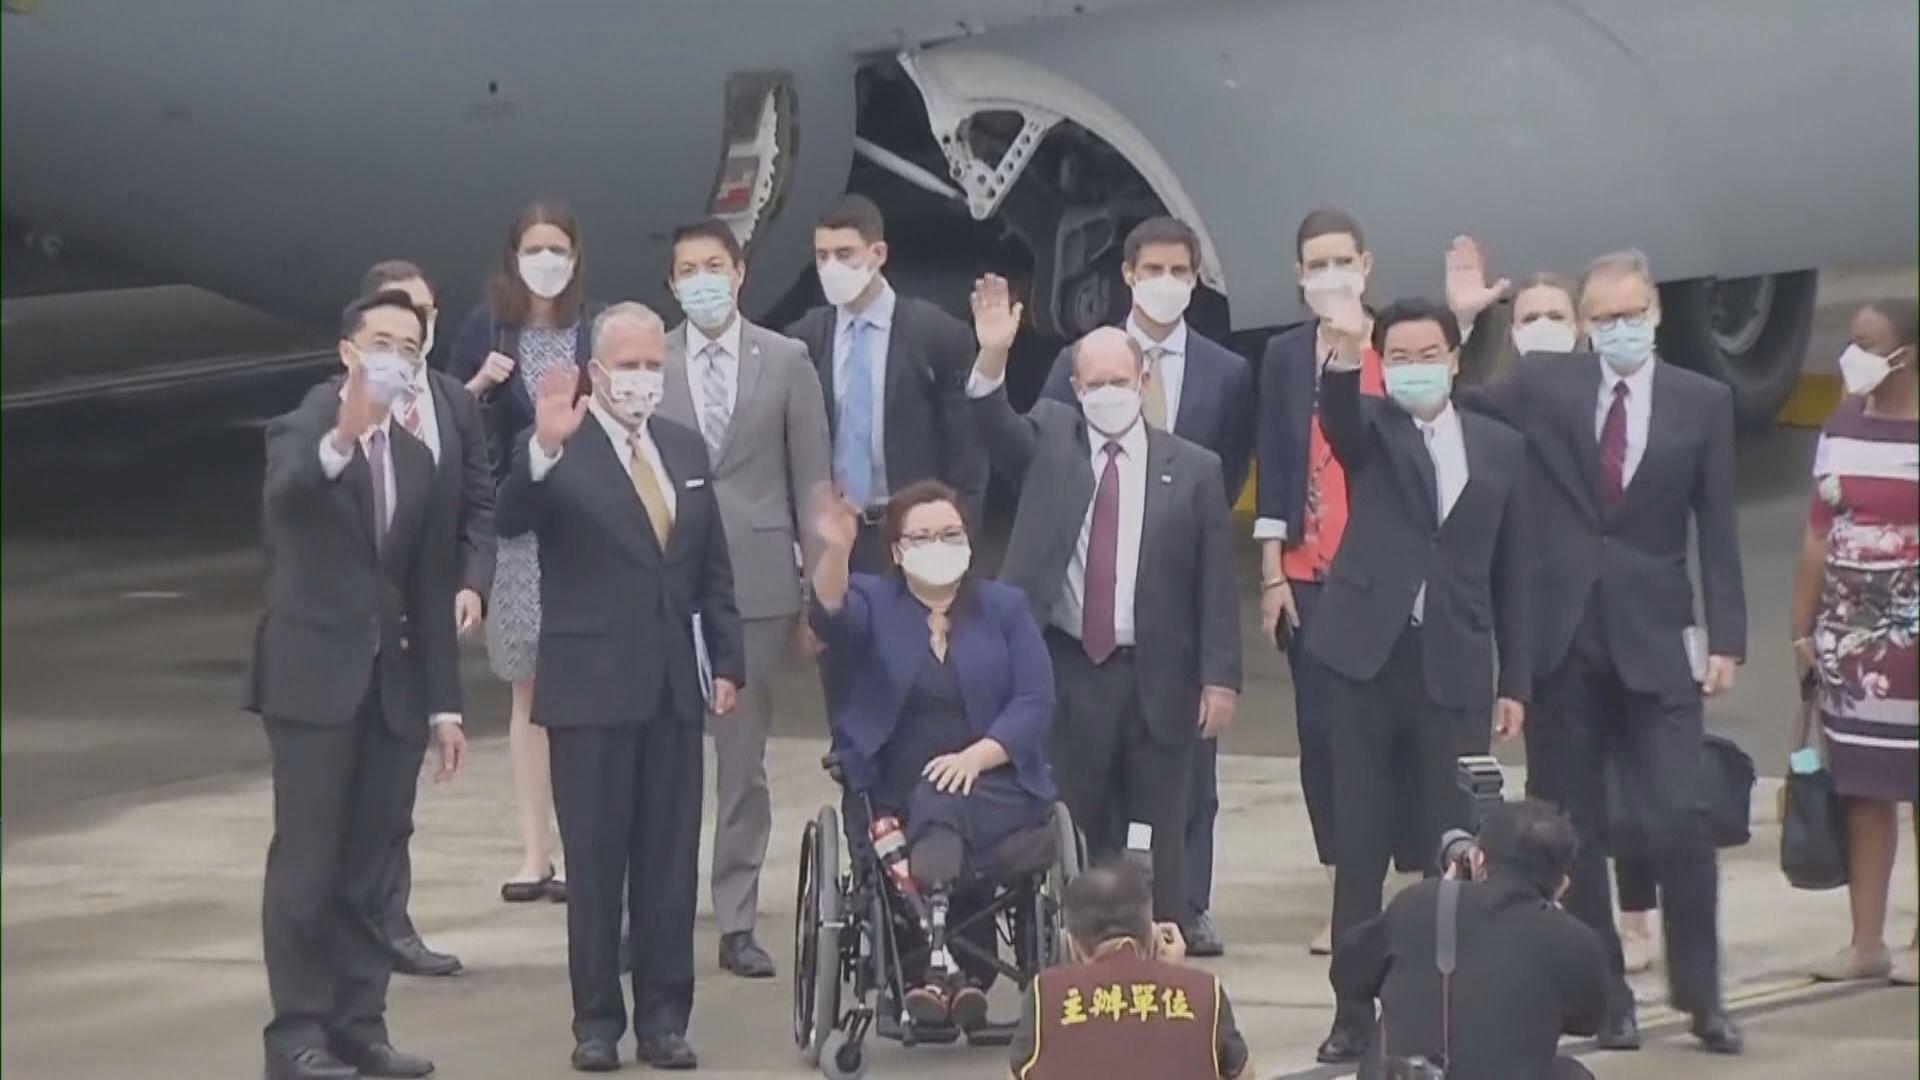 美國三參議員訪台晤蔡英文 北京多次反對美台官方往來